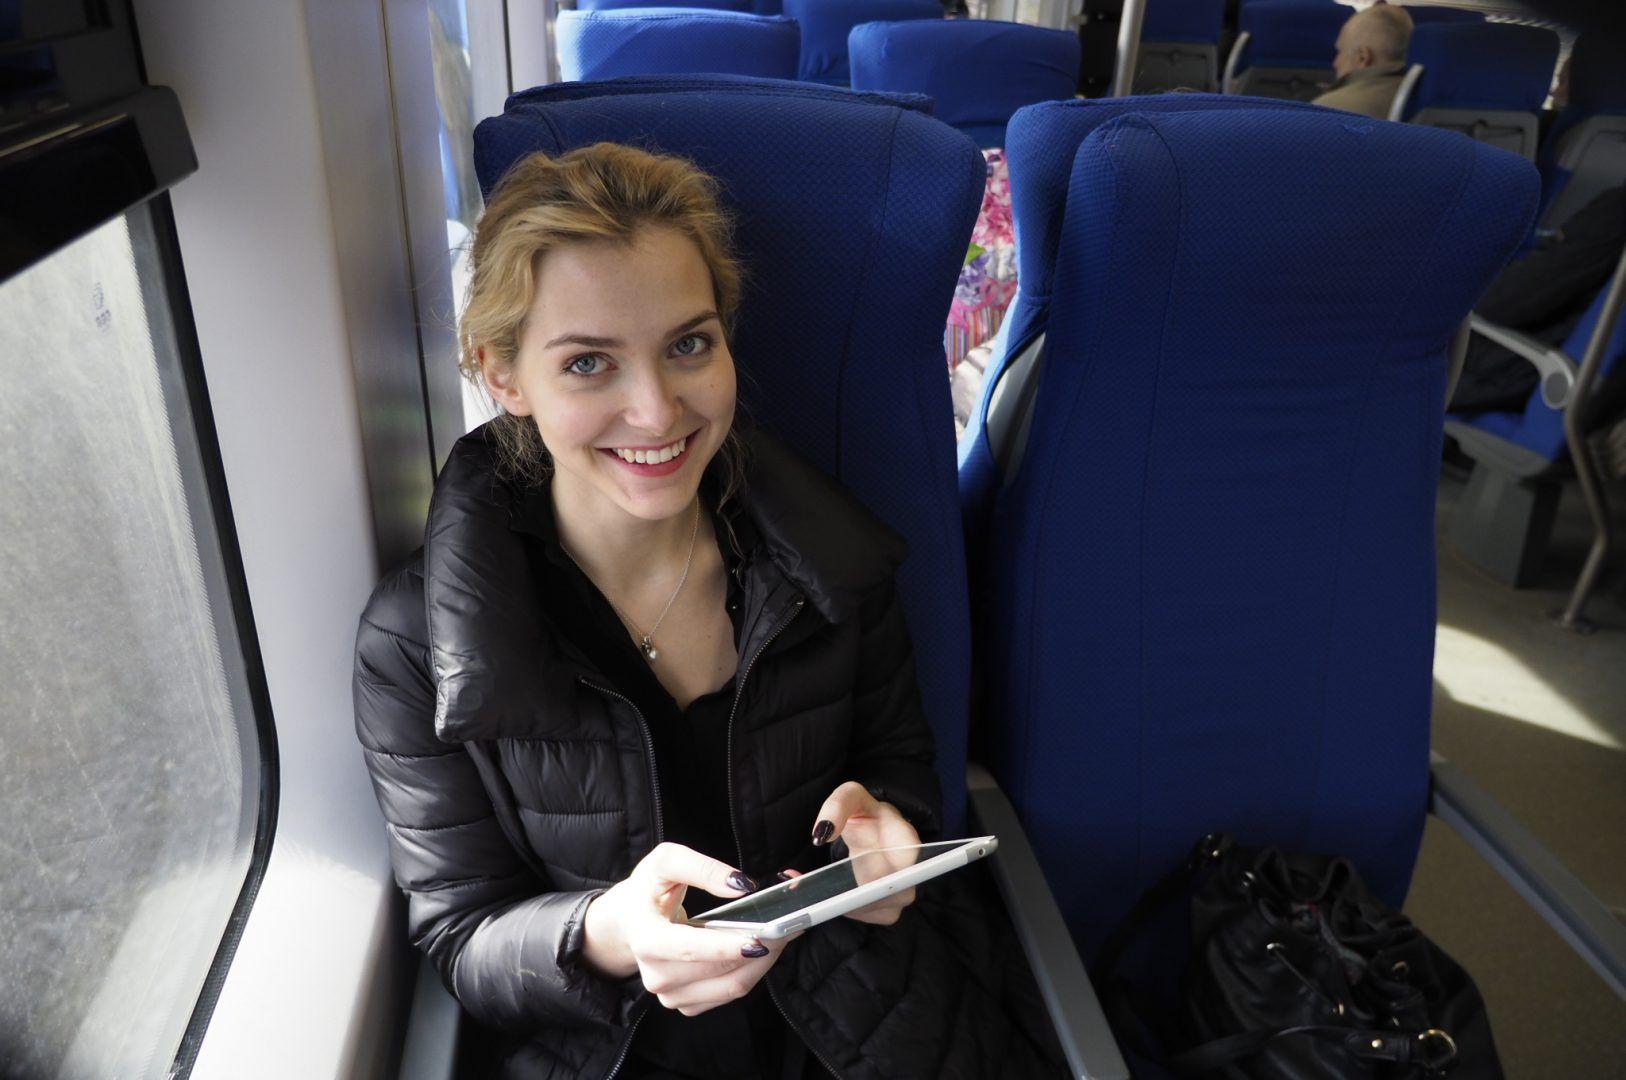 Чаще всего к интернету подключаются пассажиры от 18 до 34 лет. Фото: Антон Гердо